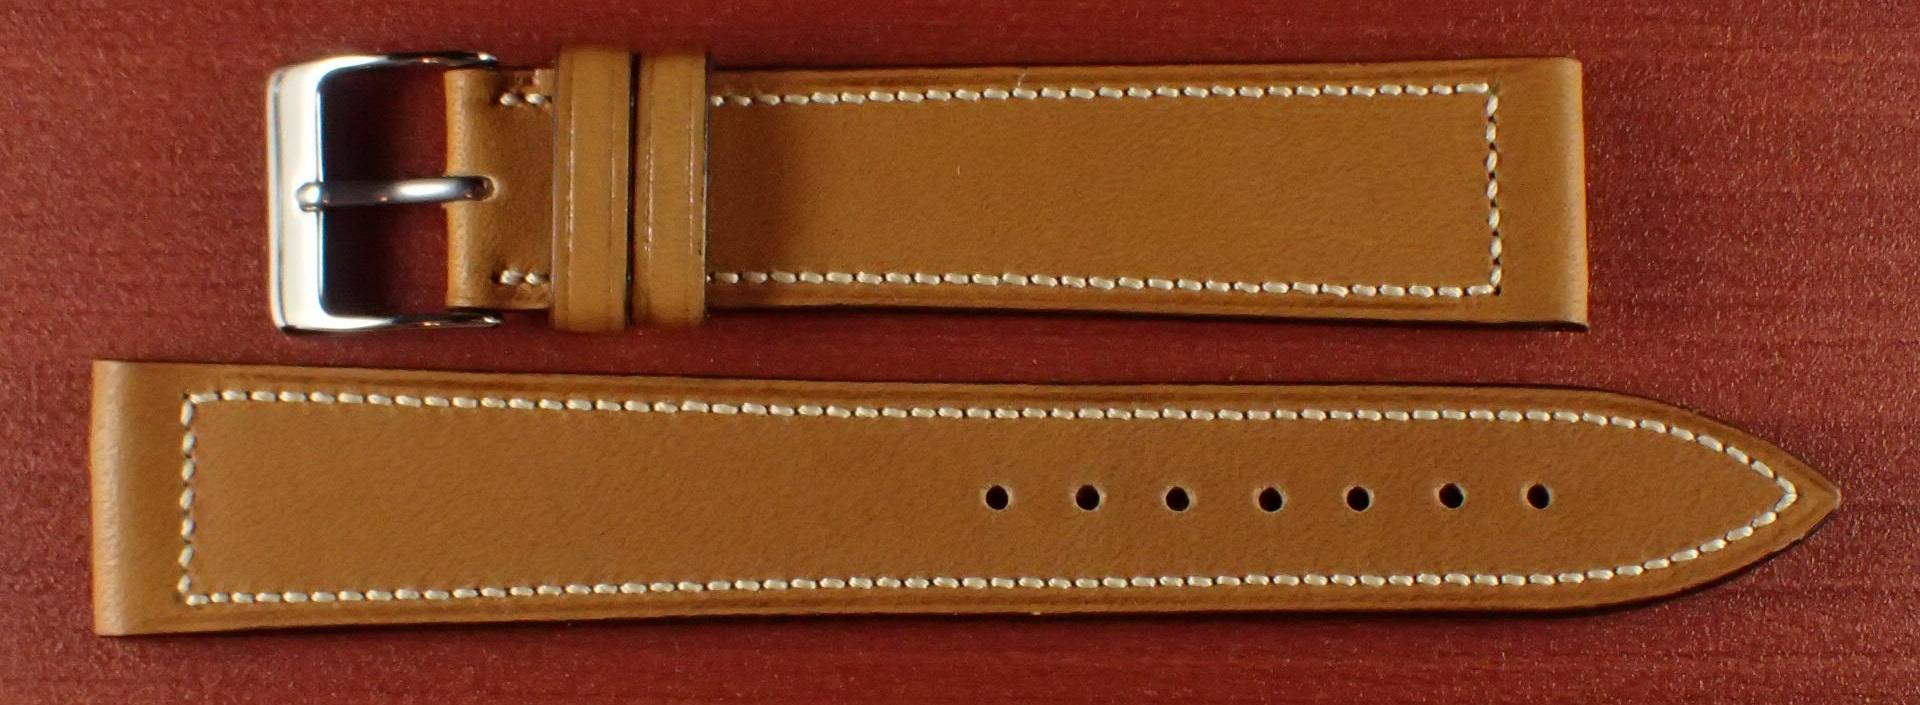 ジャン・クロード ペラン革ベルト カーフ キャメル 16、17、18、19、20mm